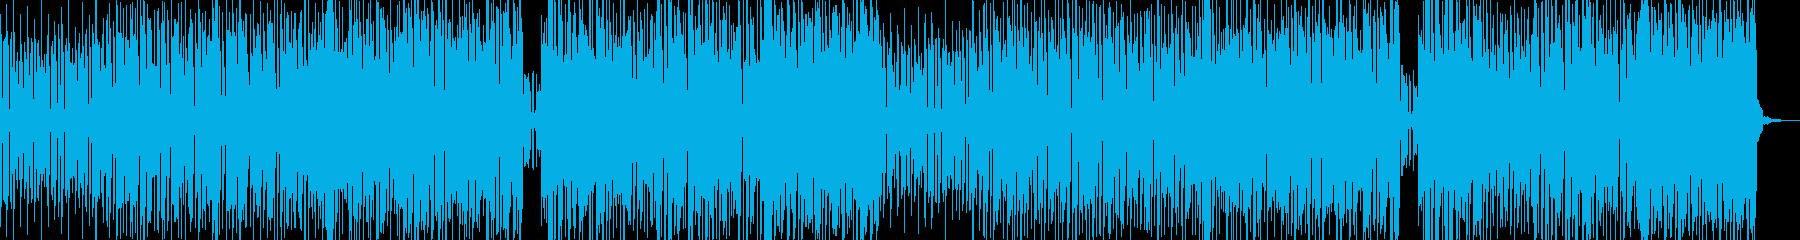 リズミカルなゲームテクノの再生済みの波形